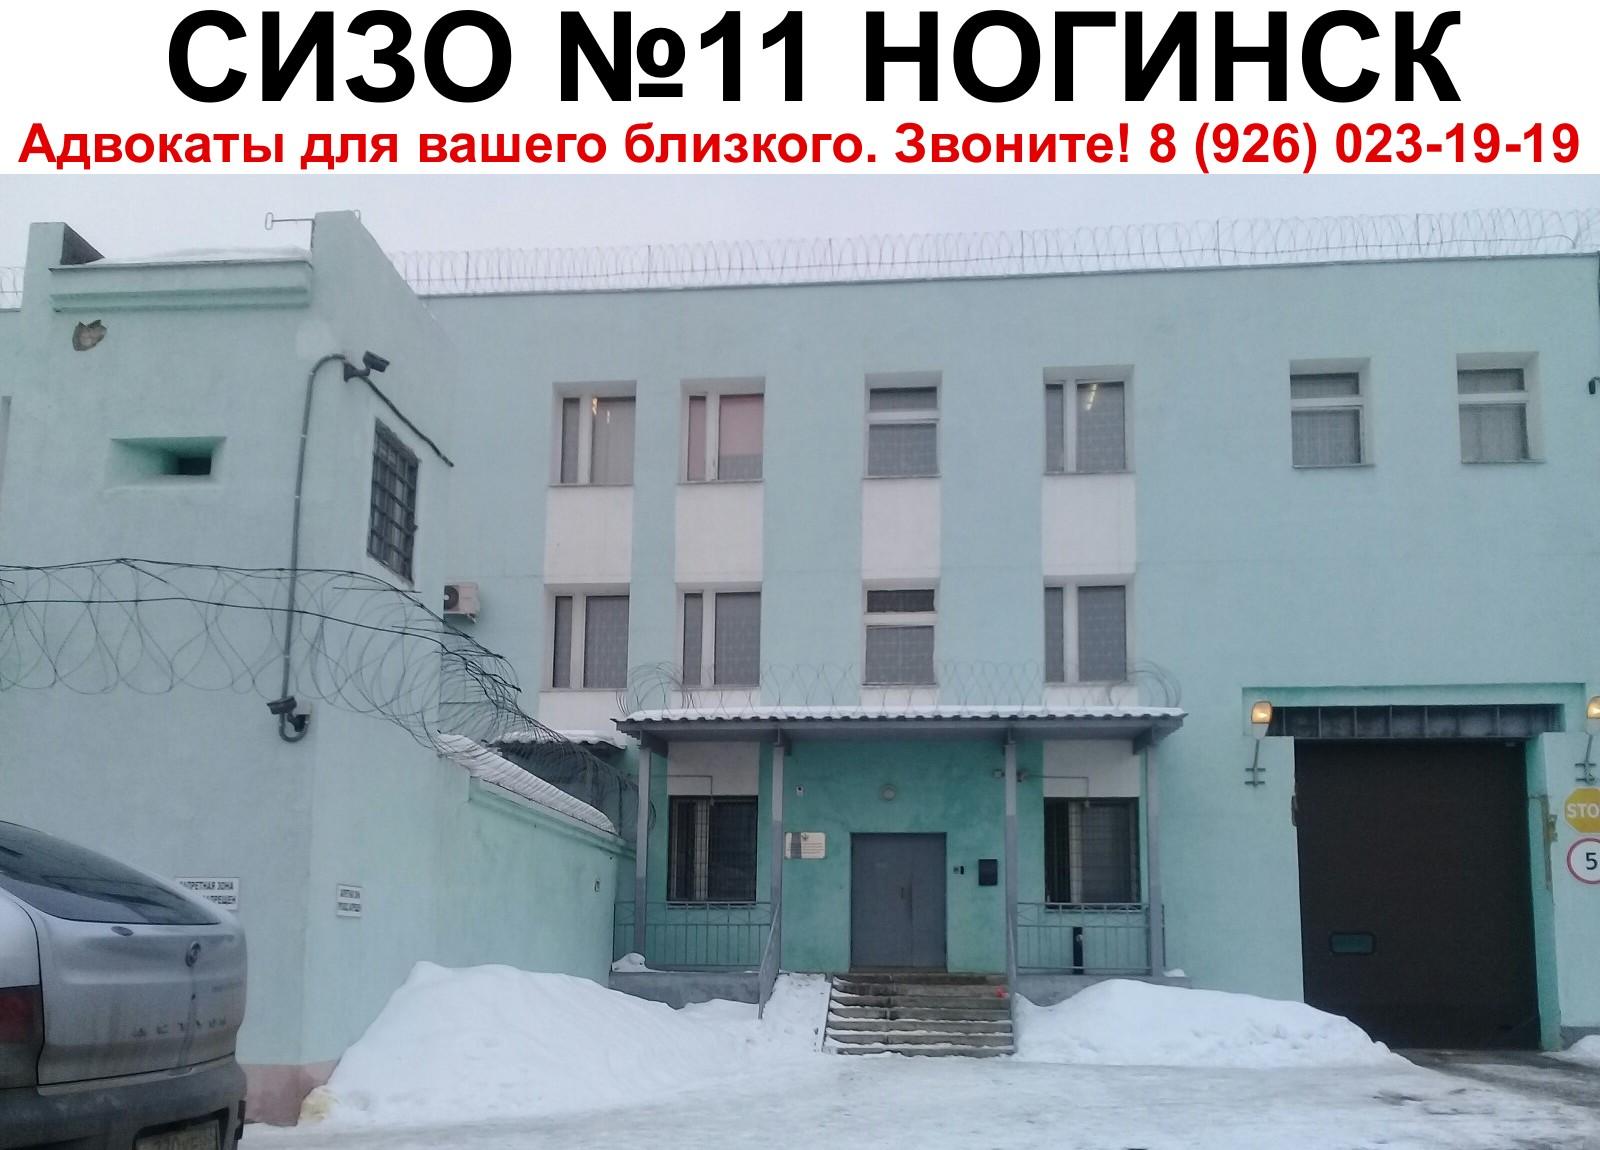 СИЗО Ногинск